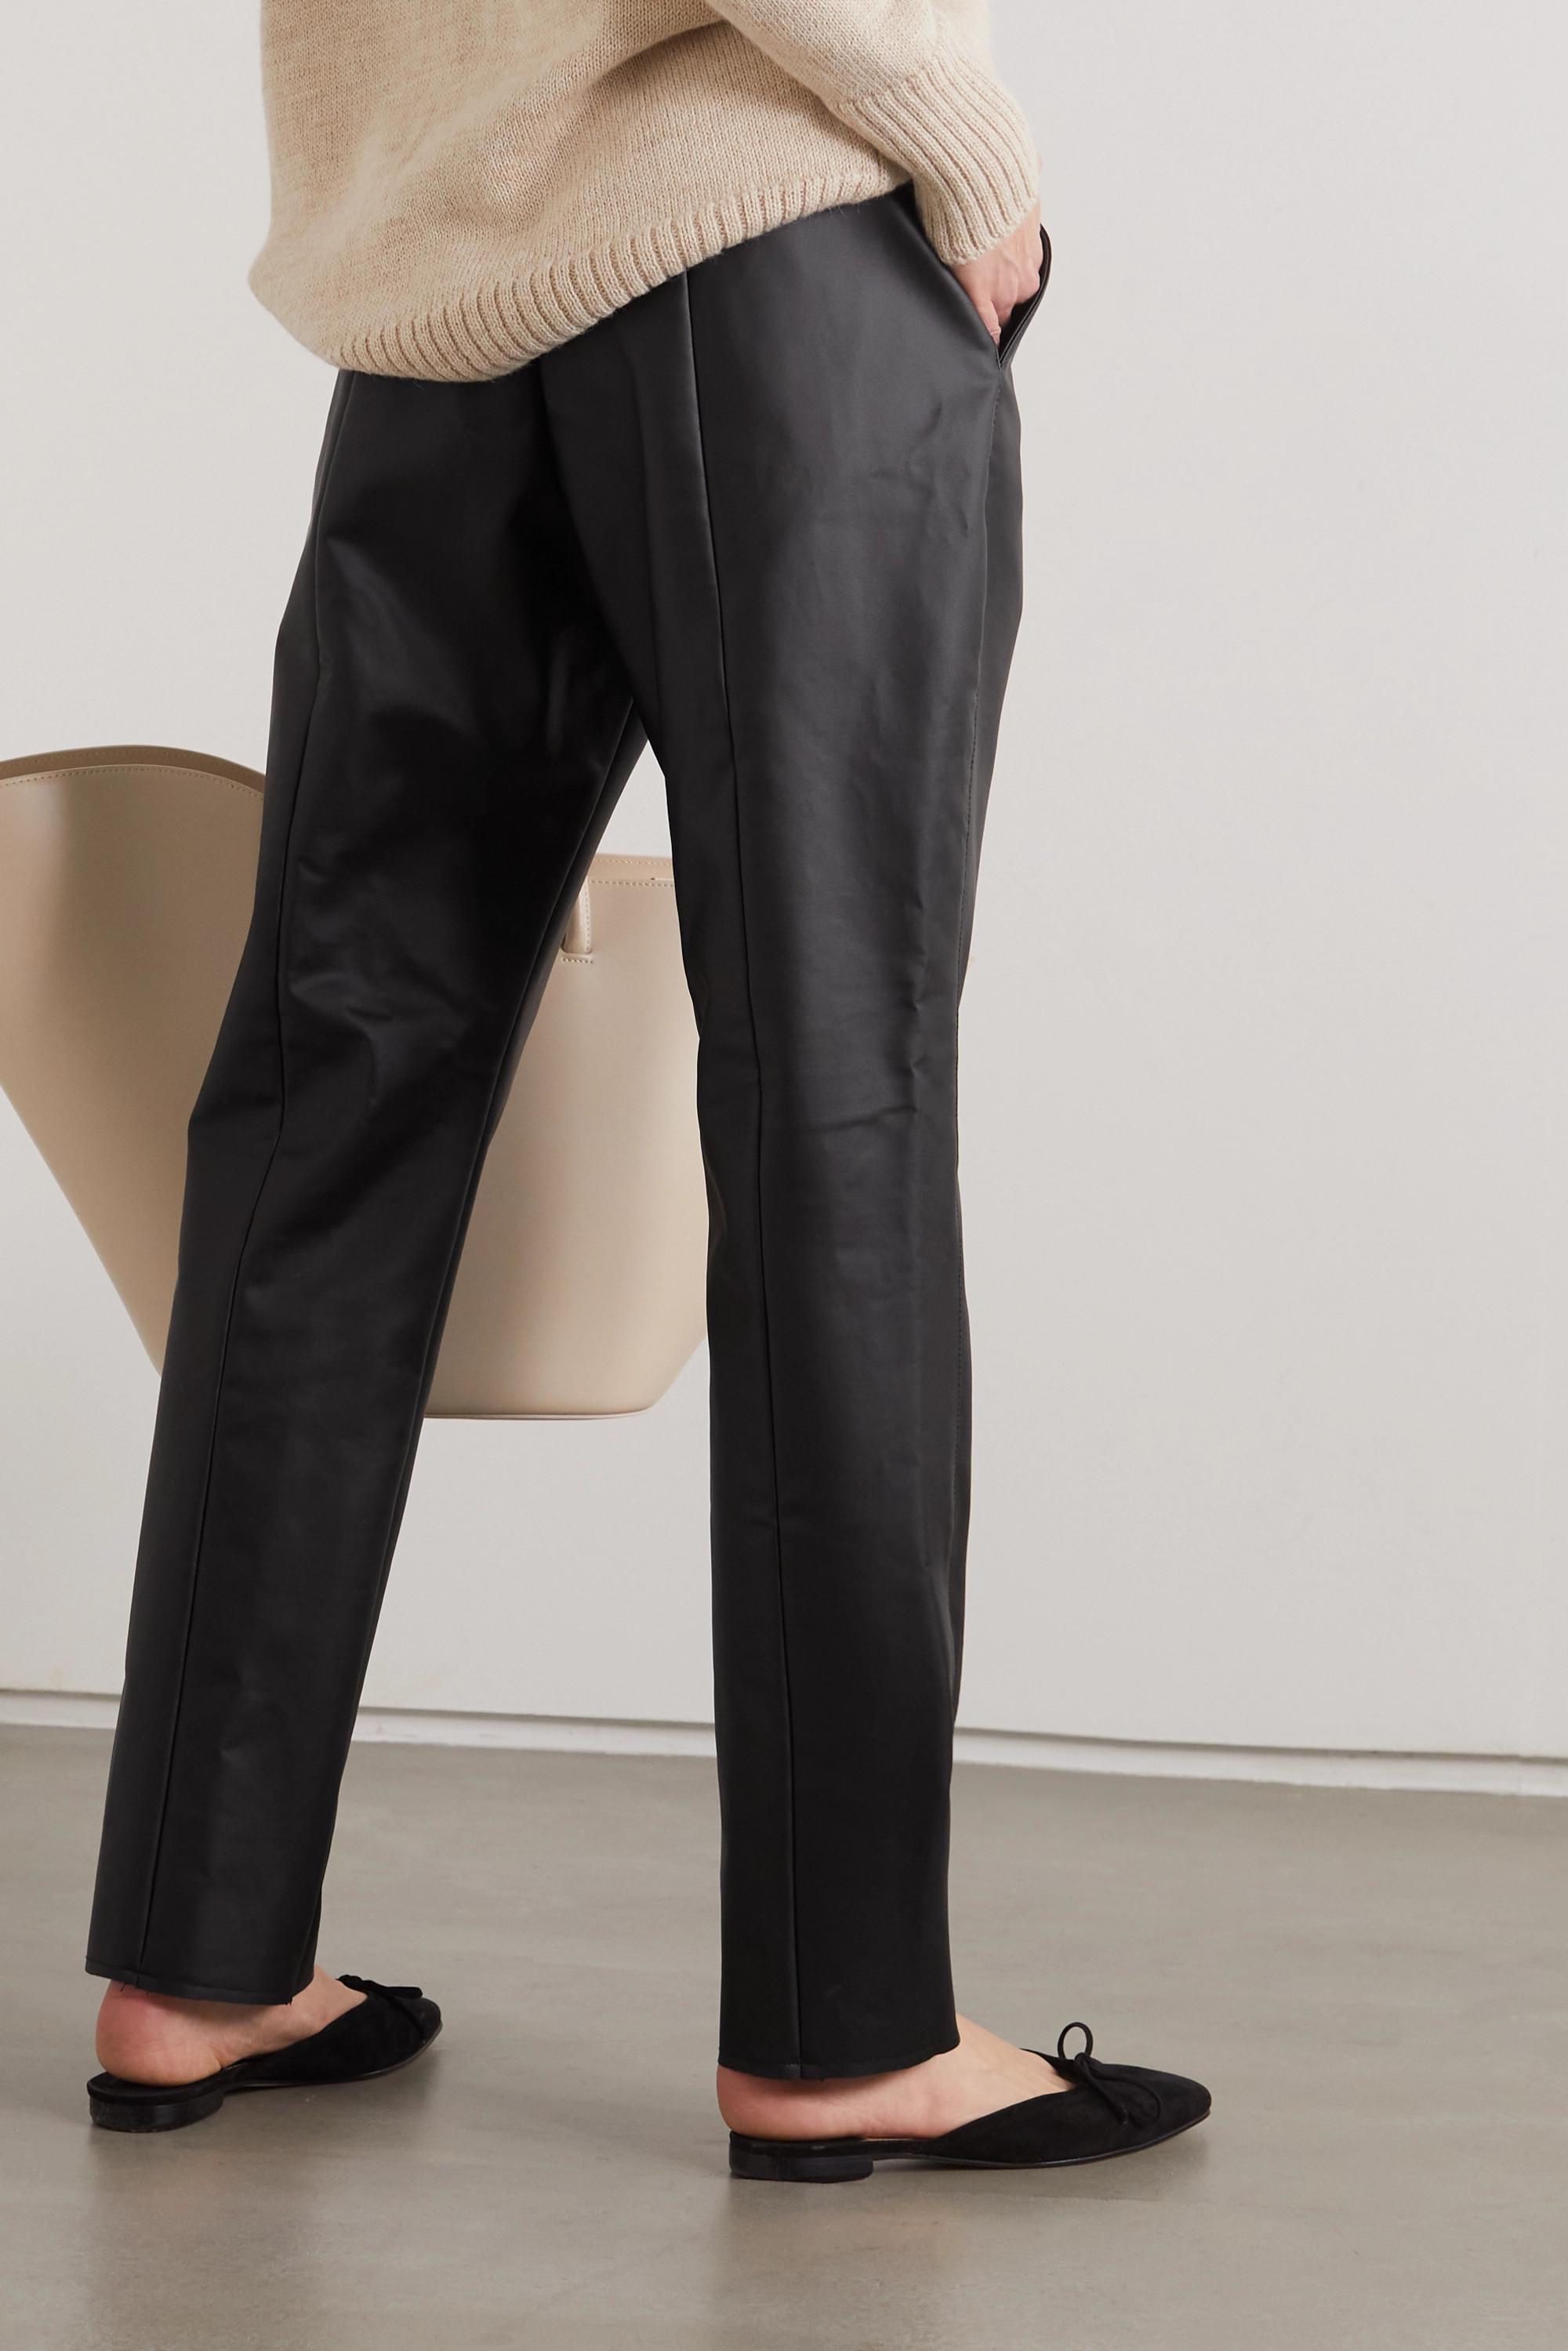 CAES + NET SUSTAIN Hose mit geradem Bein aus Kunstleder